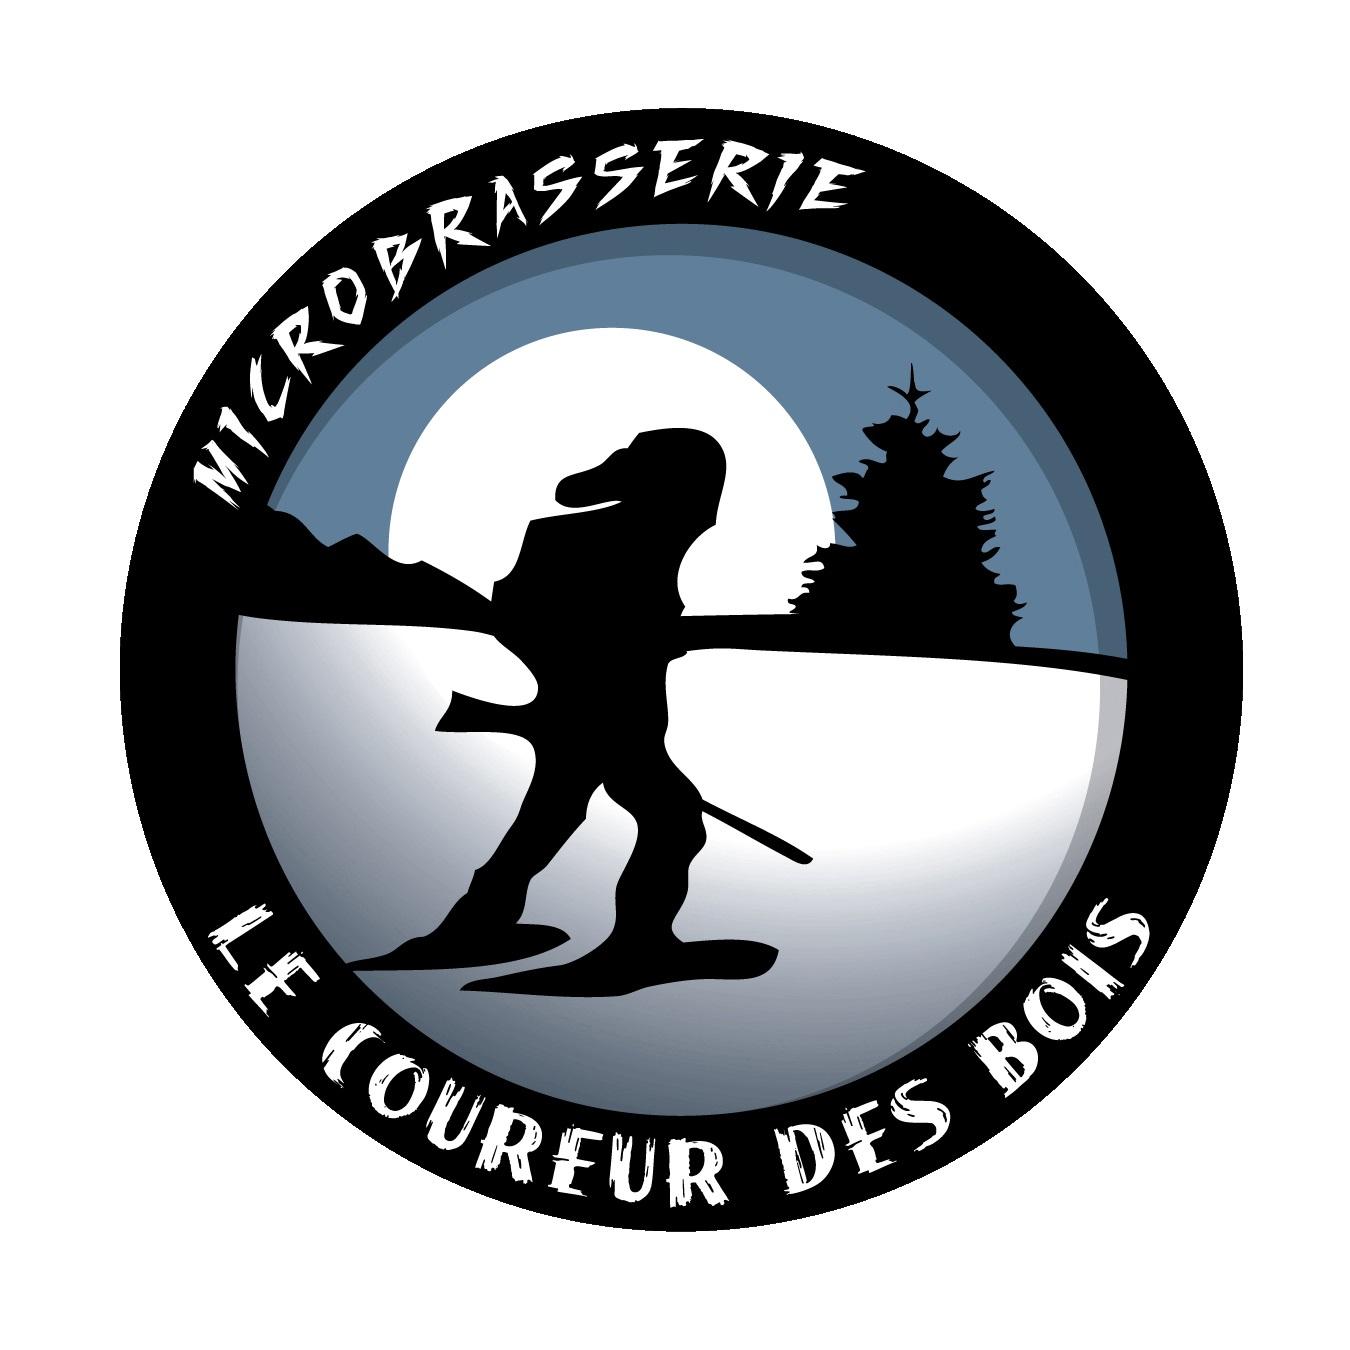 Microbrasserie Le Coureur Des Bois